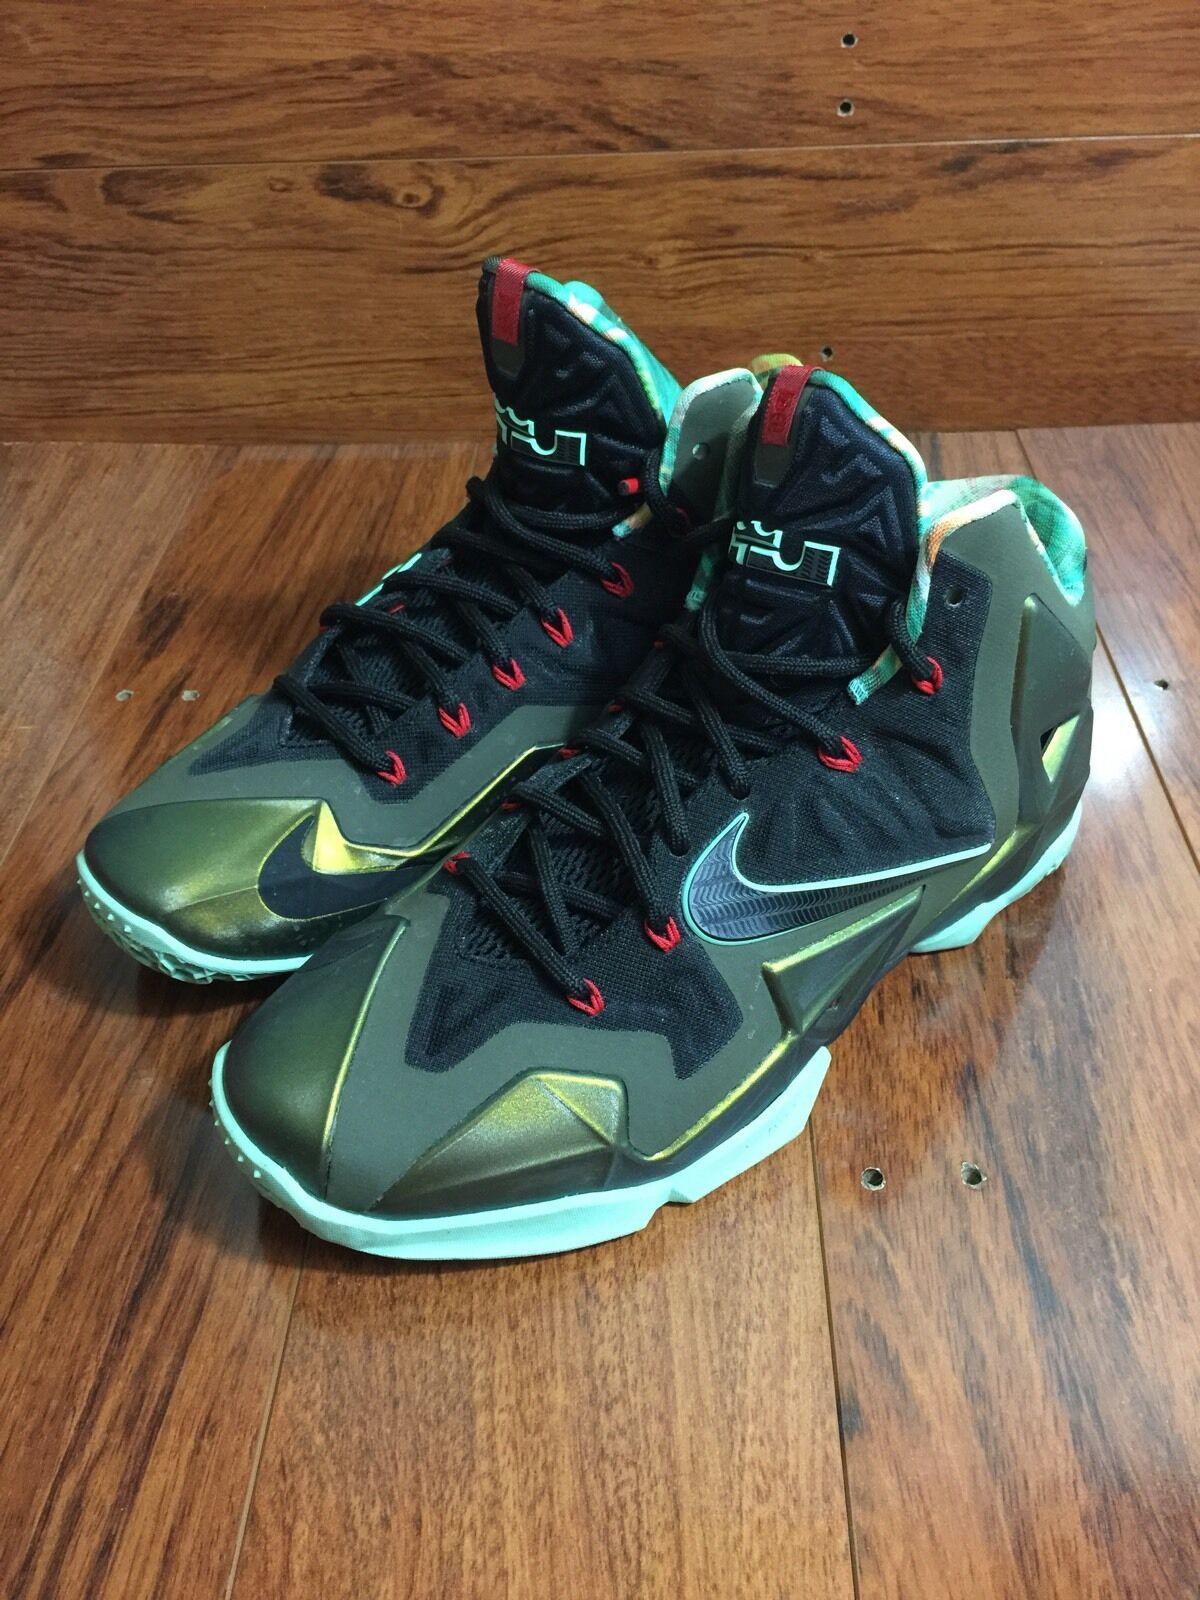 Nike Lebron XI kings Title Size 8 USED